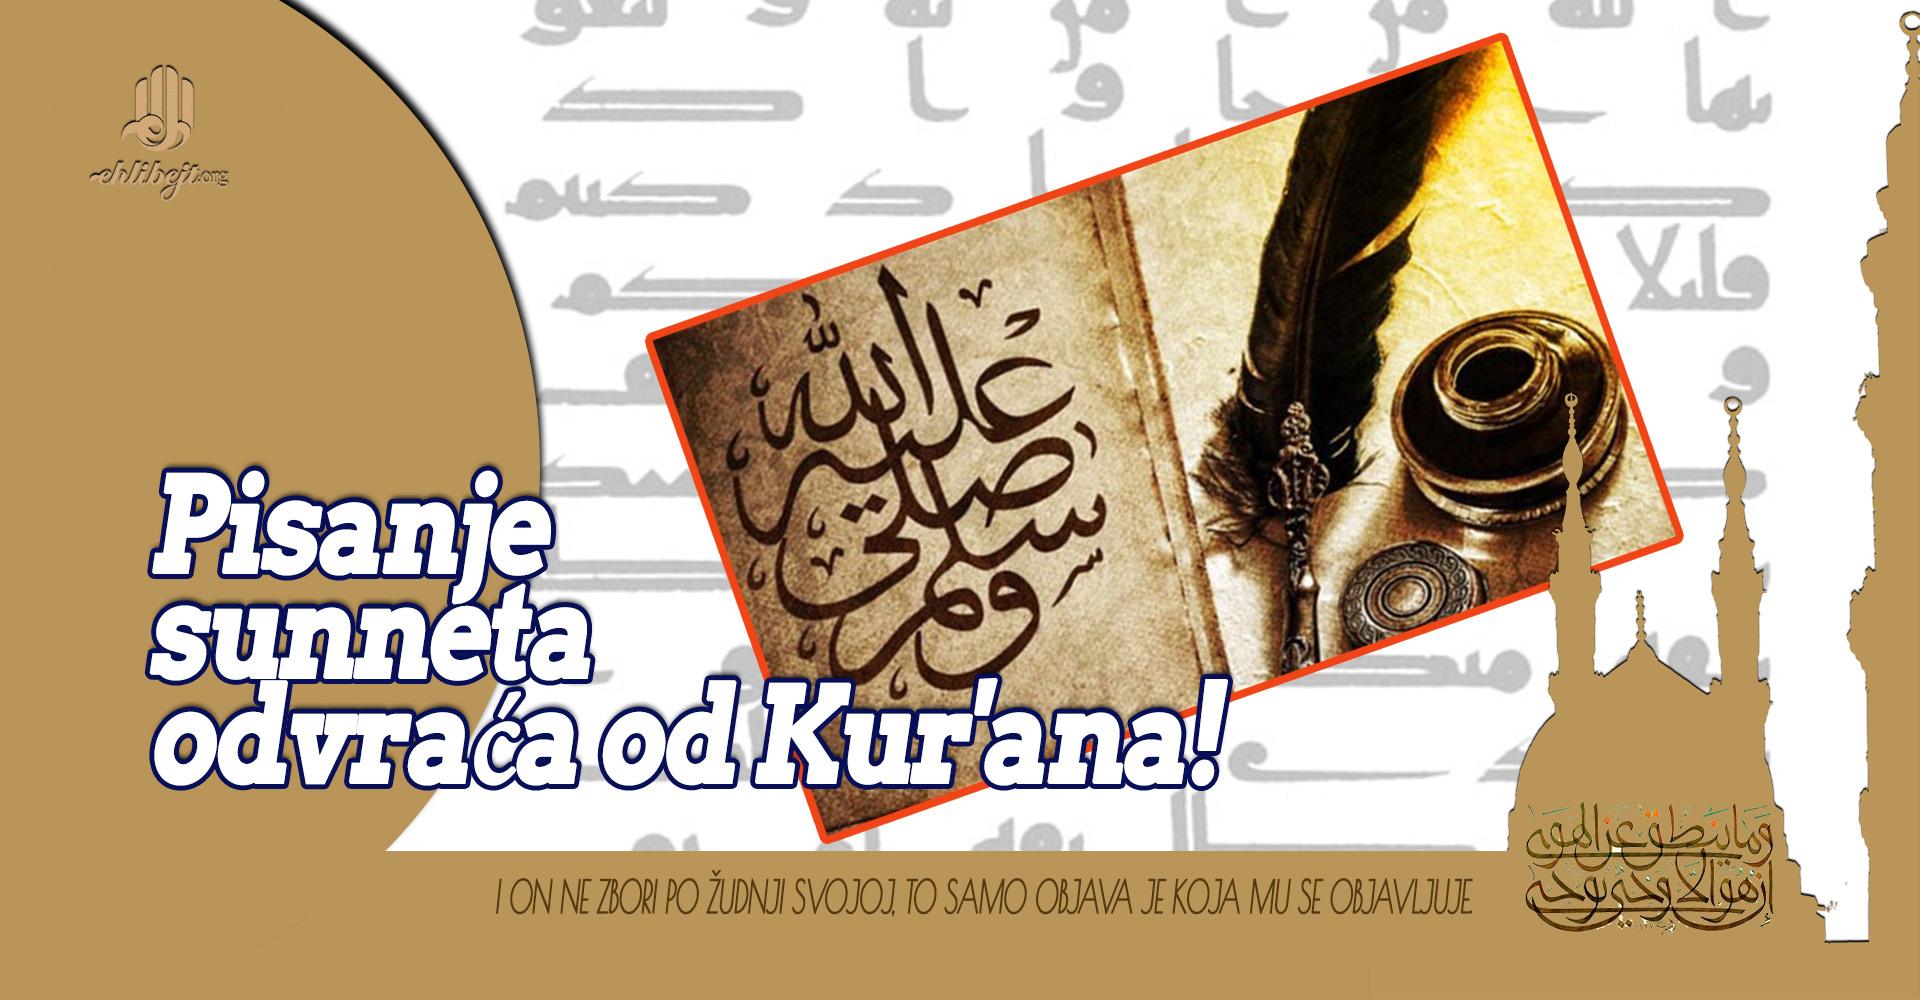 Pisanje sunneta odvraća od Kur'ana! - izgovor za nepisanja sunneta